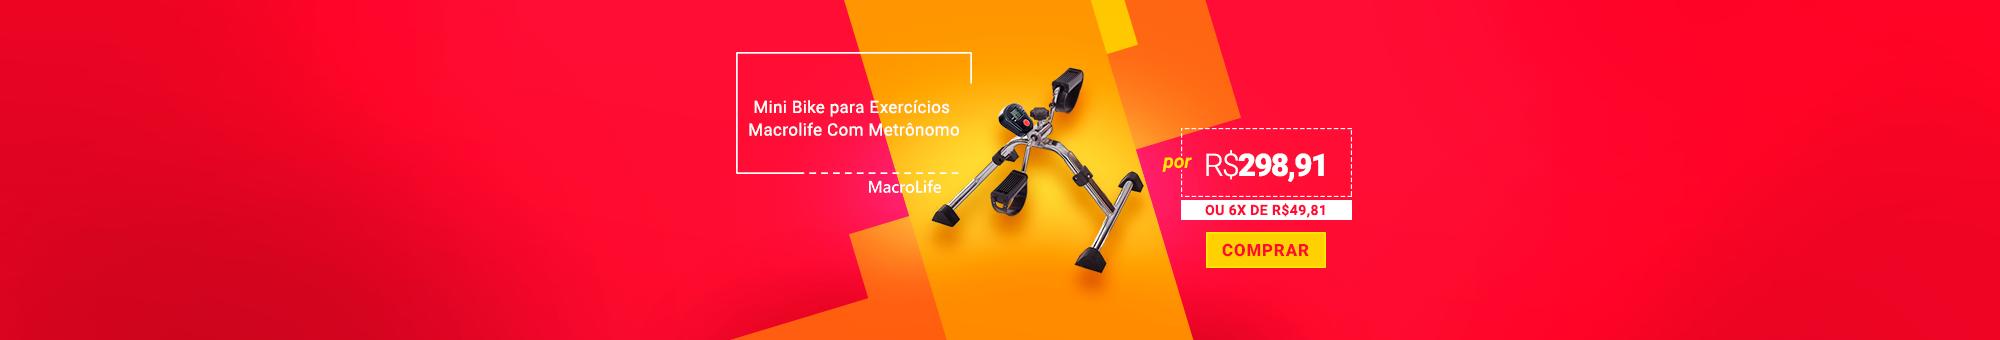 Dpto - Esporte e Fitness